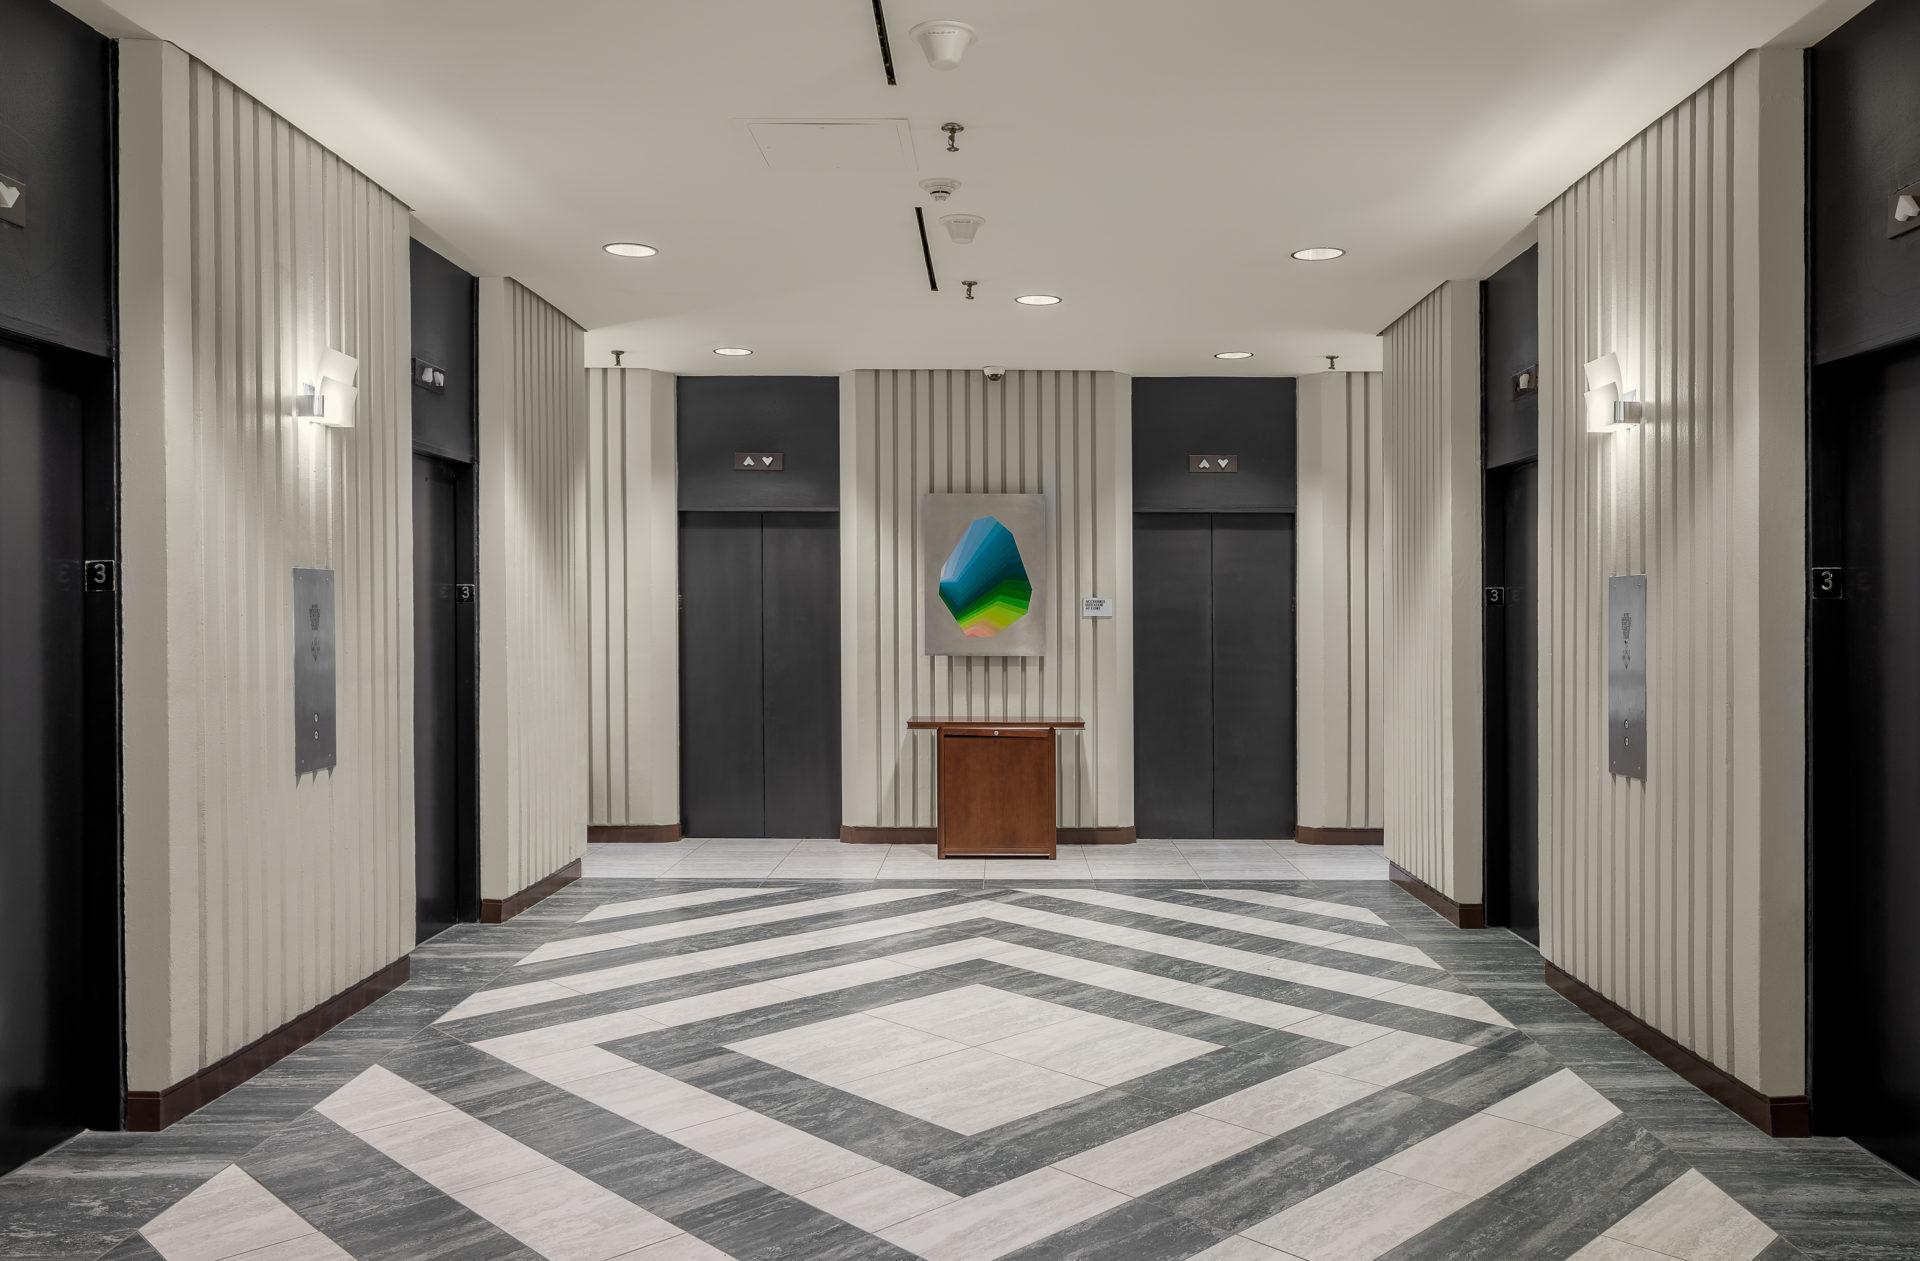 White and Gray tile in Atlanta Hotel